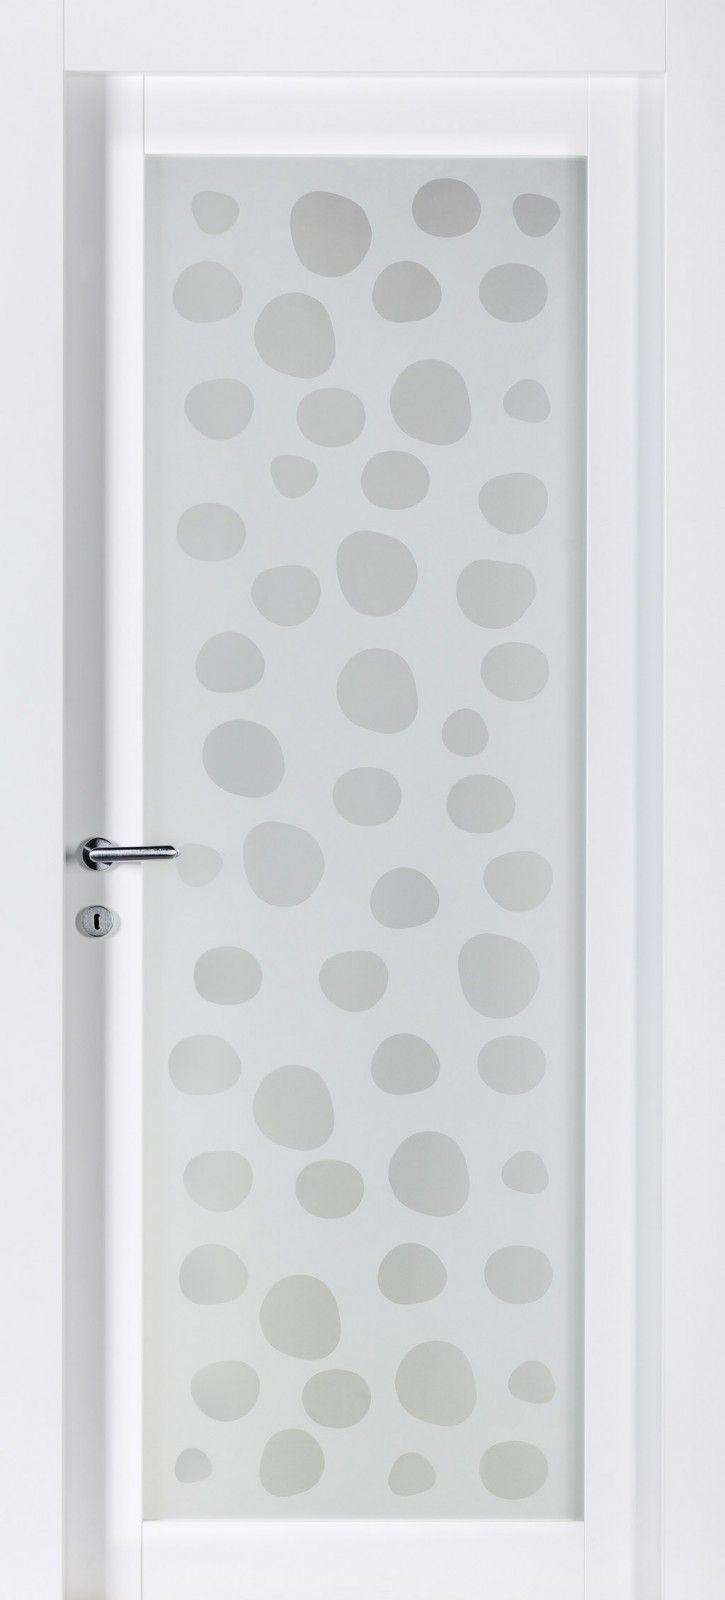 Ital Doors has the best selection of classical collection doors.  sc 1 st  Pinterest & Model: cristales | Doors \u0026 Windows | Pinterest